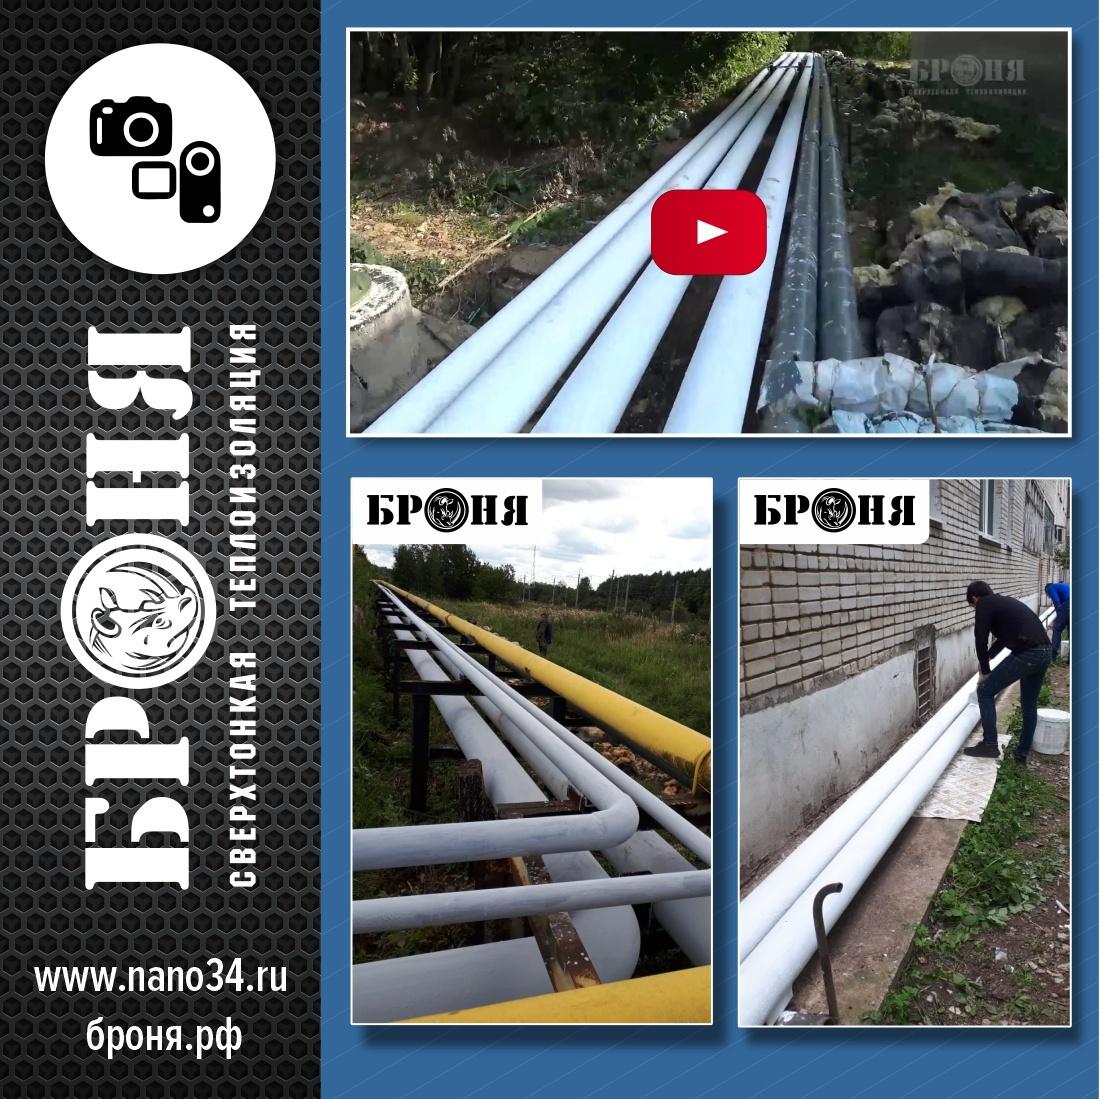 Очень круто! Видео о ремонте теплоизоляции трубопроводов теплосетей Московской области!